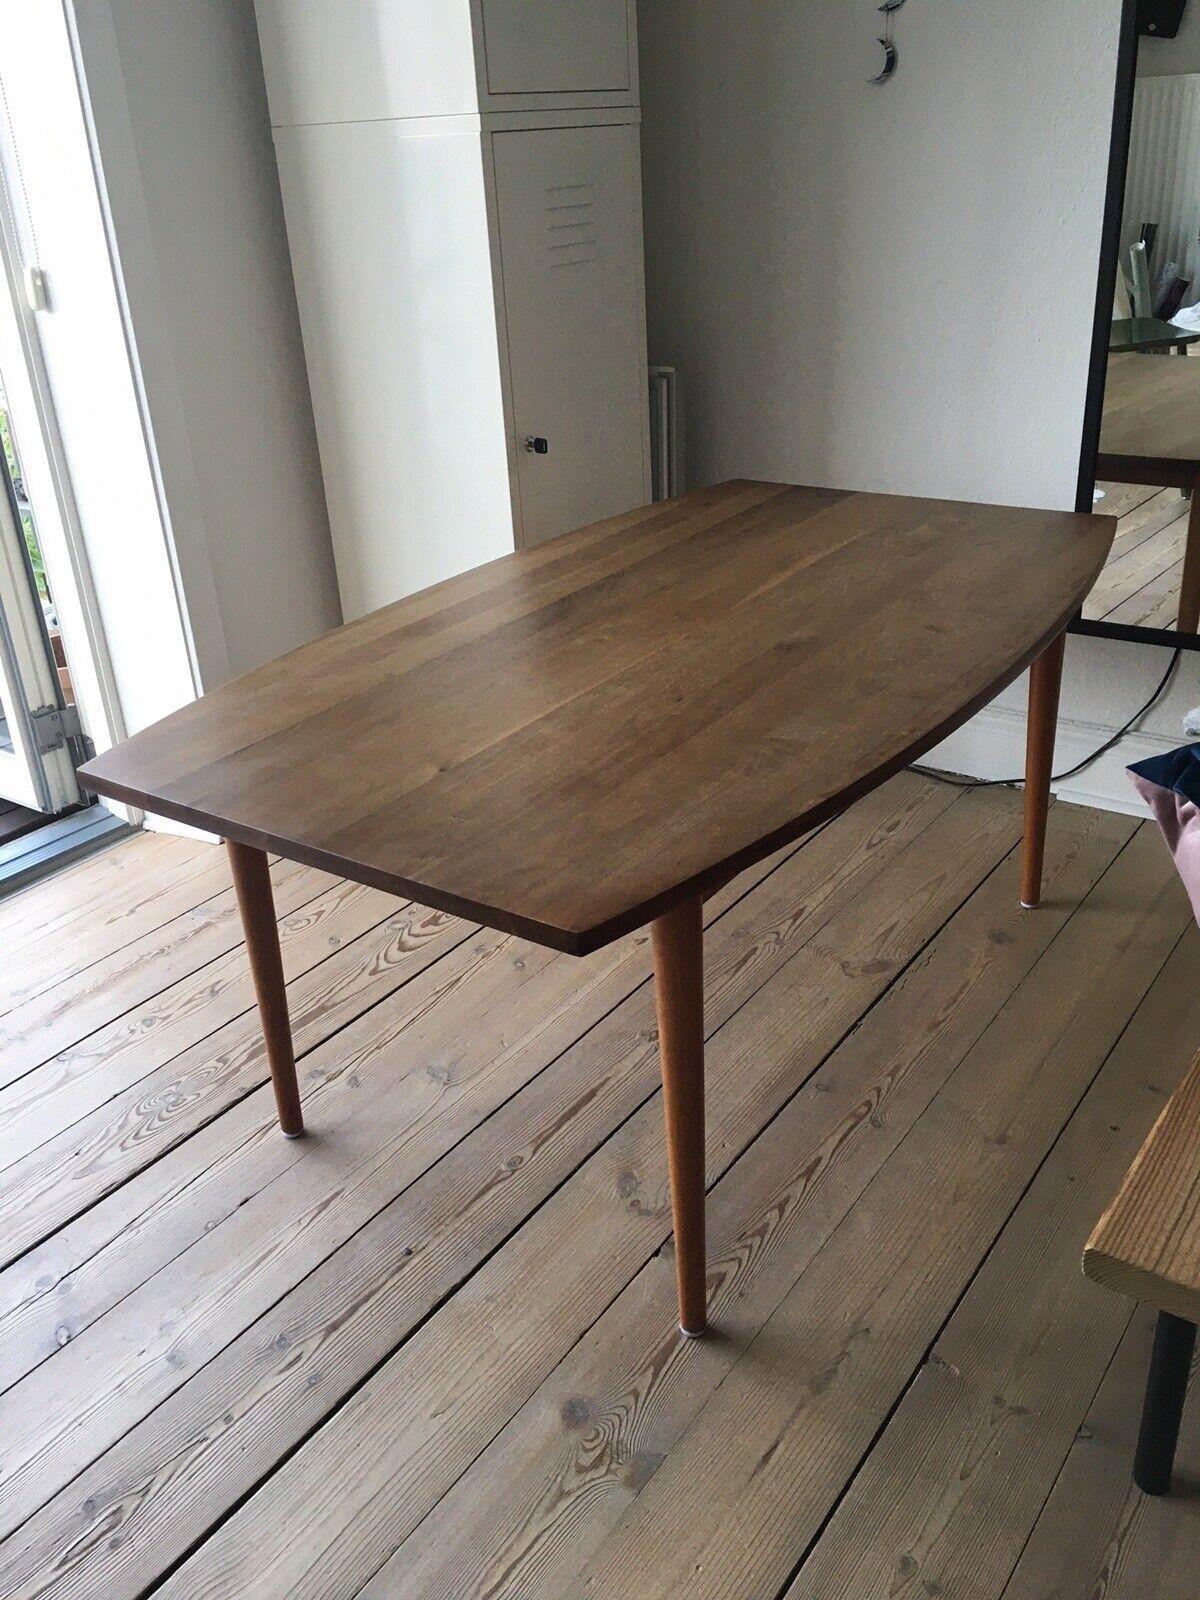 Sofabord, teaktræ, b: 60 l: 130 h: 50 – dba.dk – Køb og Salg